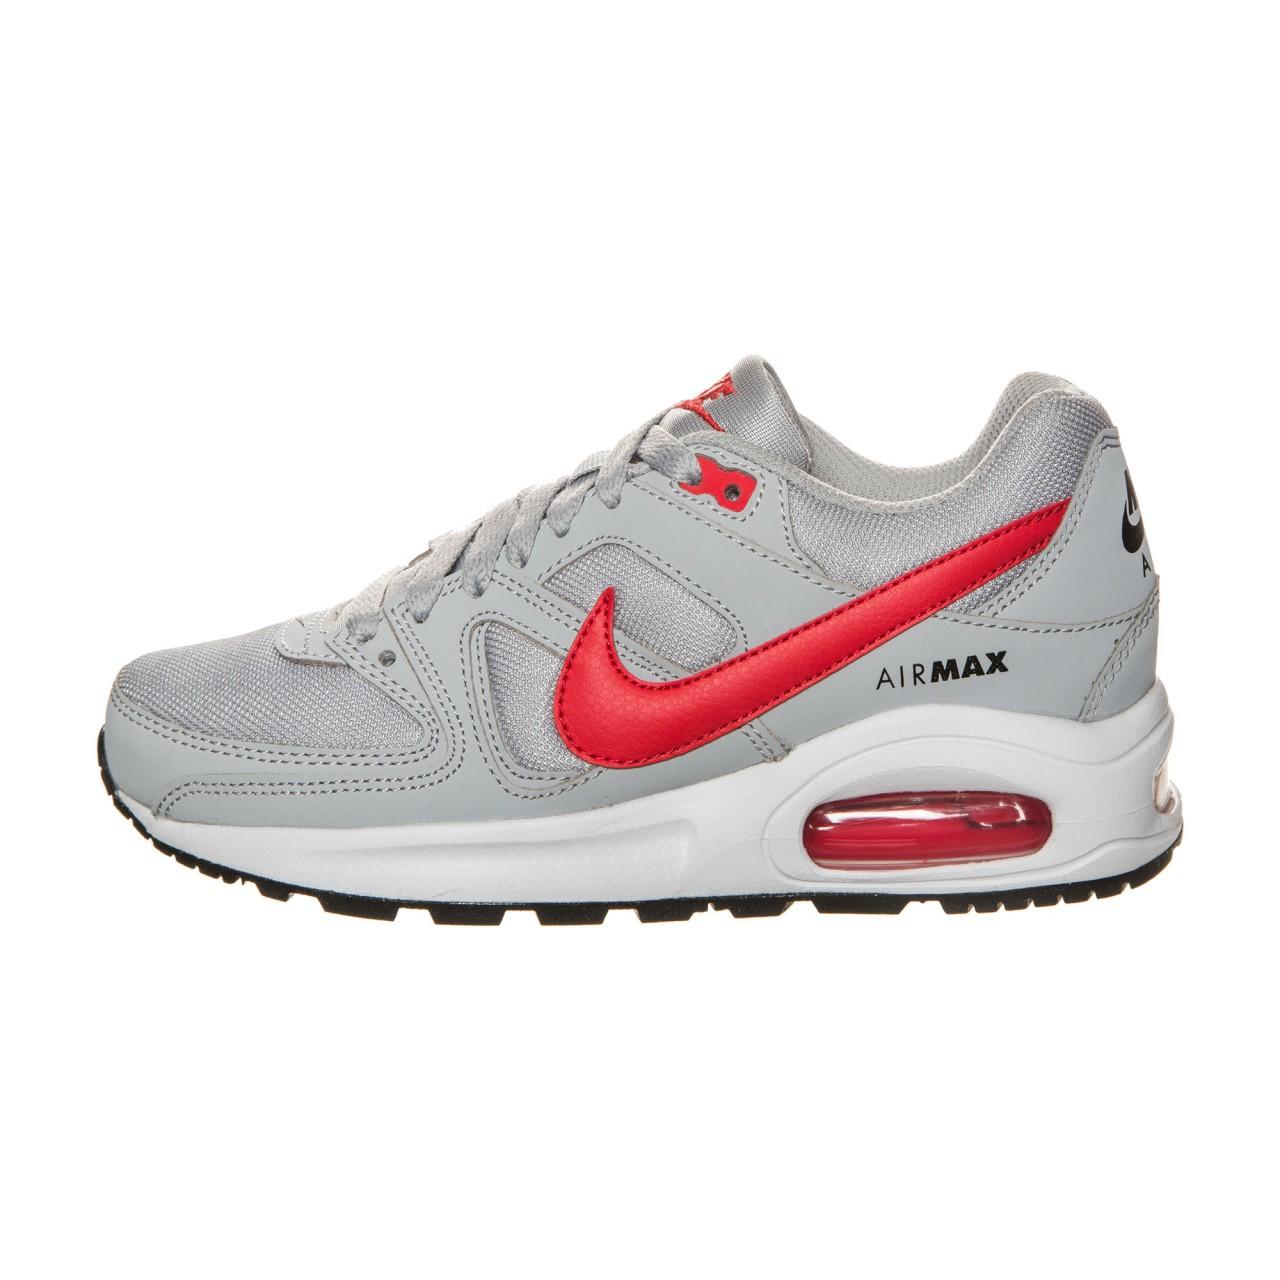 Command Max Gs Air Nike Scarpe wkP8n0O